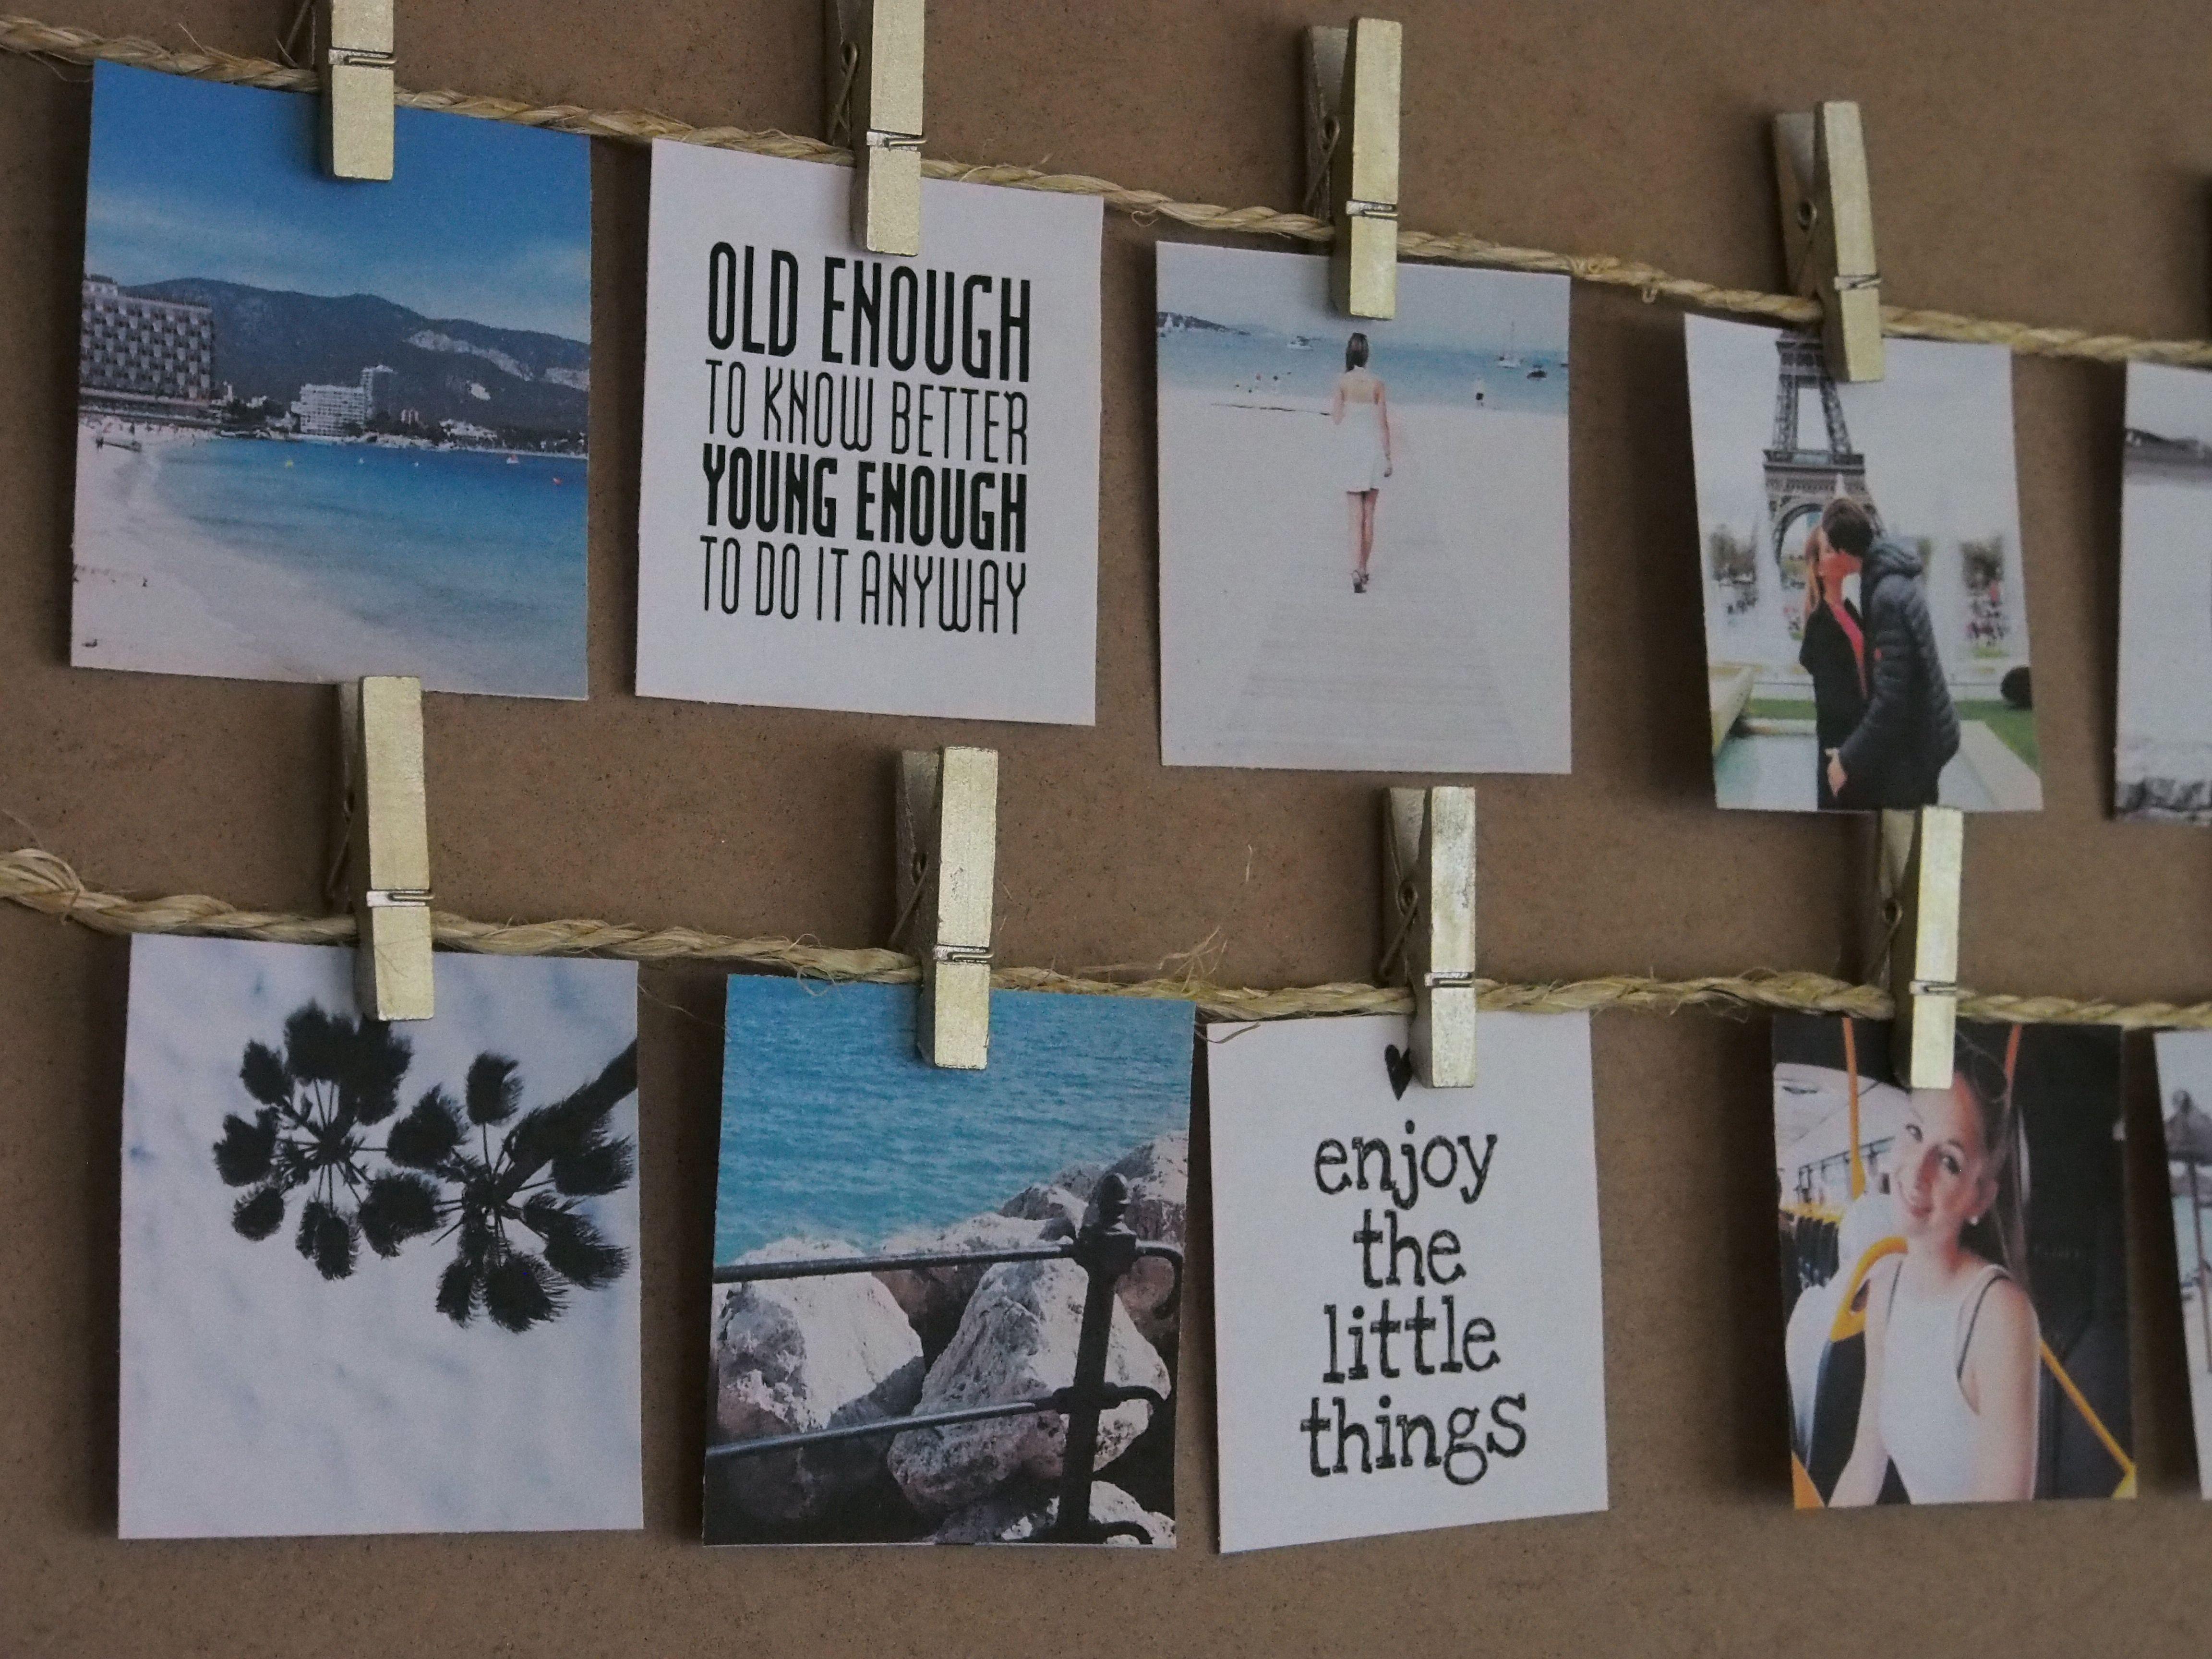 Foto S Ophangen Fotos Aufhängen Bilder Aufhängen Ideen Bilder Aufhängen